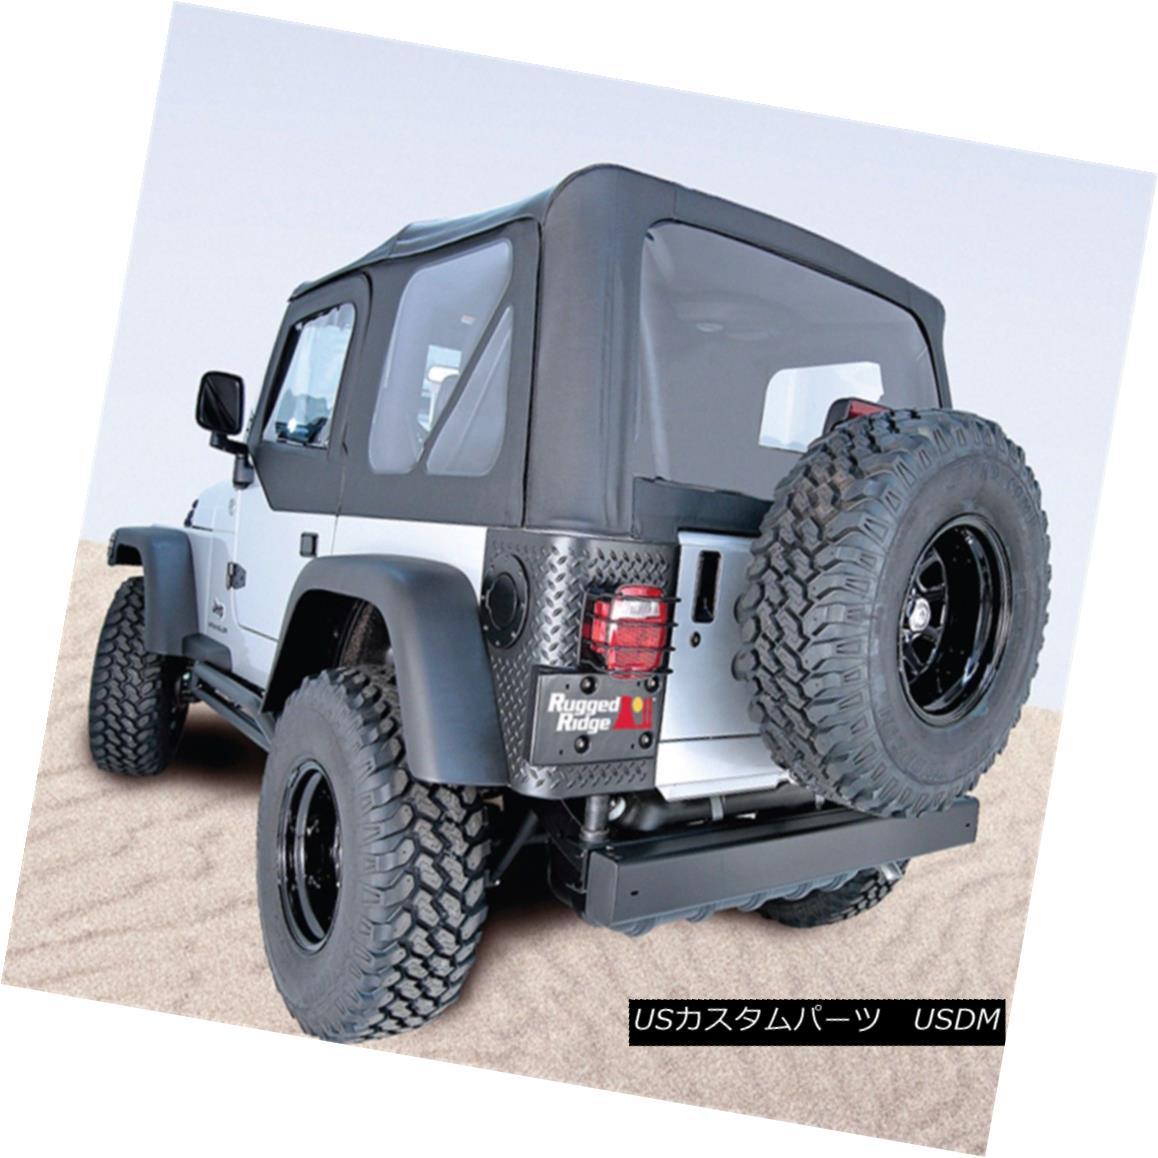 幌・ソフトトップ Rugged Ridge 13731.35 XHD Soft Top Fits 04-06 Wrangler (LJ) 頑丈なリッジ13731.35 XHDソフトトップフィット04-06ラングラー(LJ)